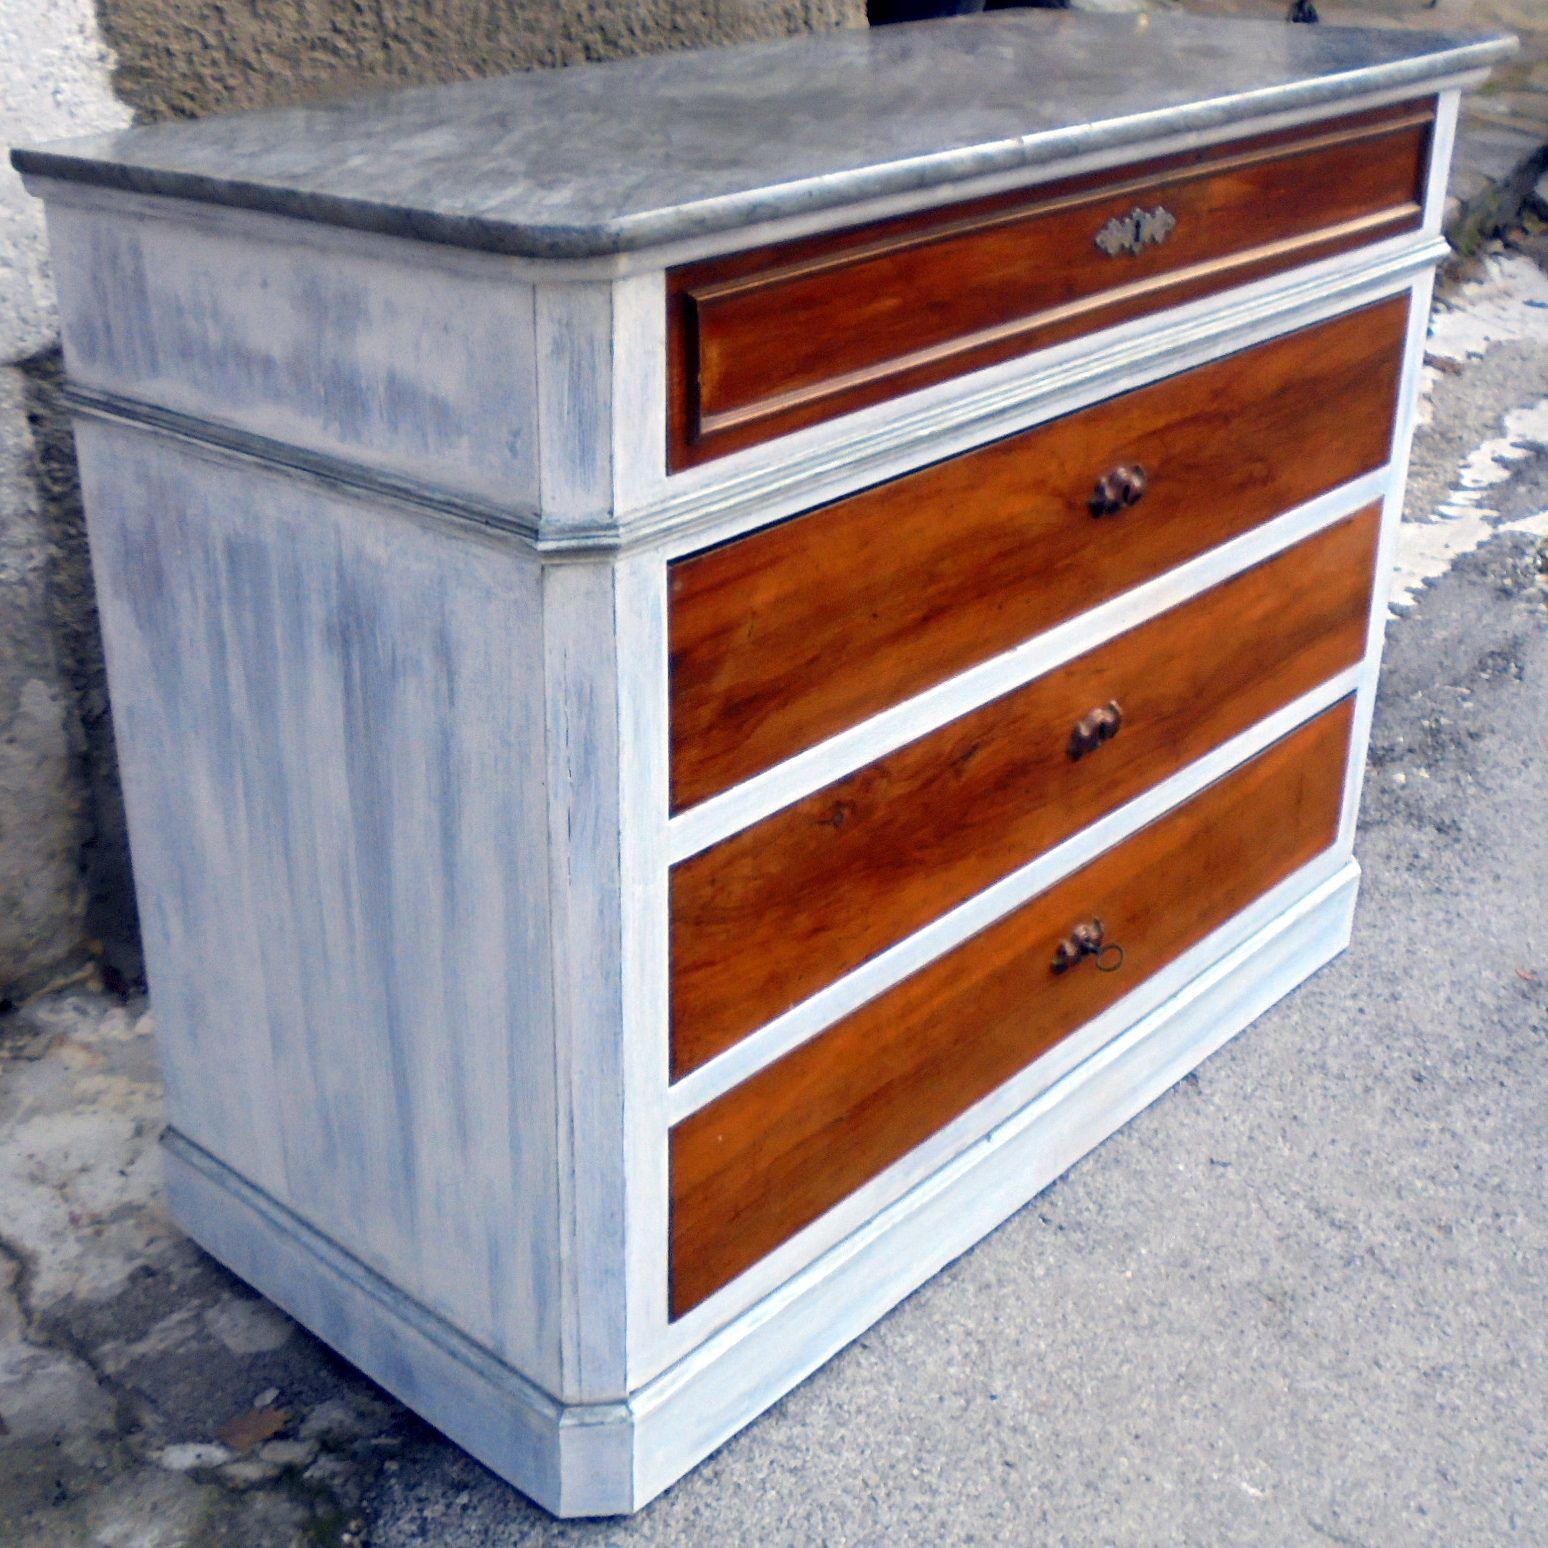 Patine Blanche Sur Bois commode marbre, bois ciré et patine blanche   commode, bois